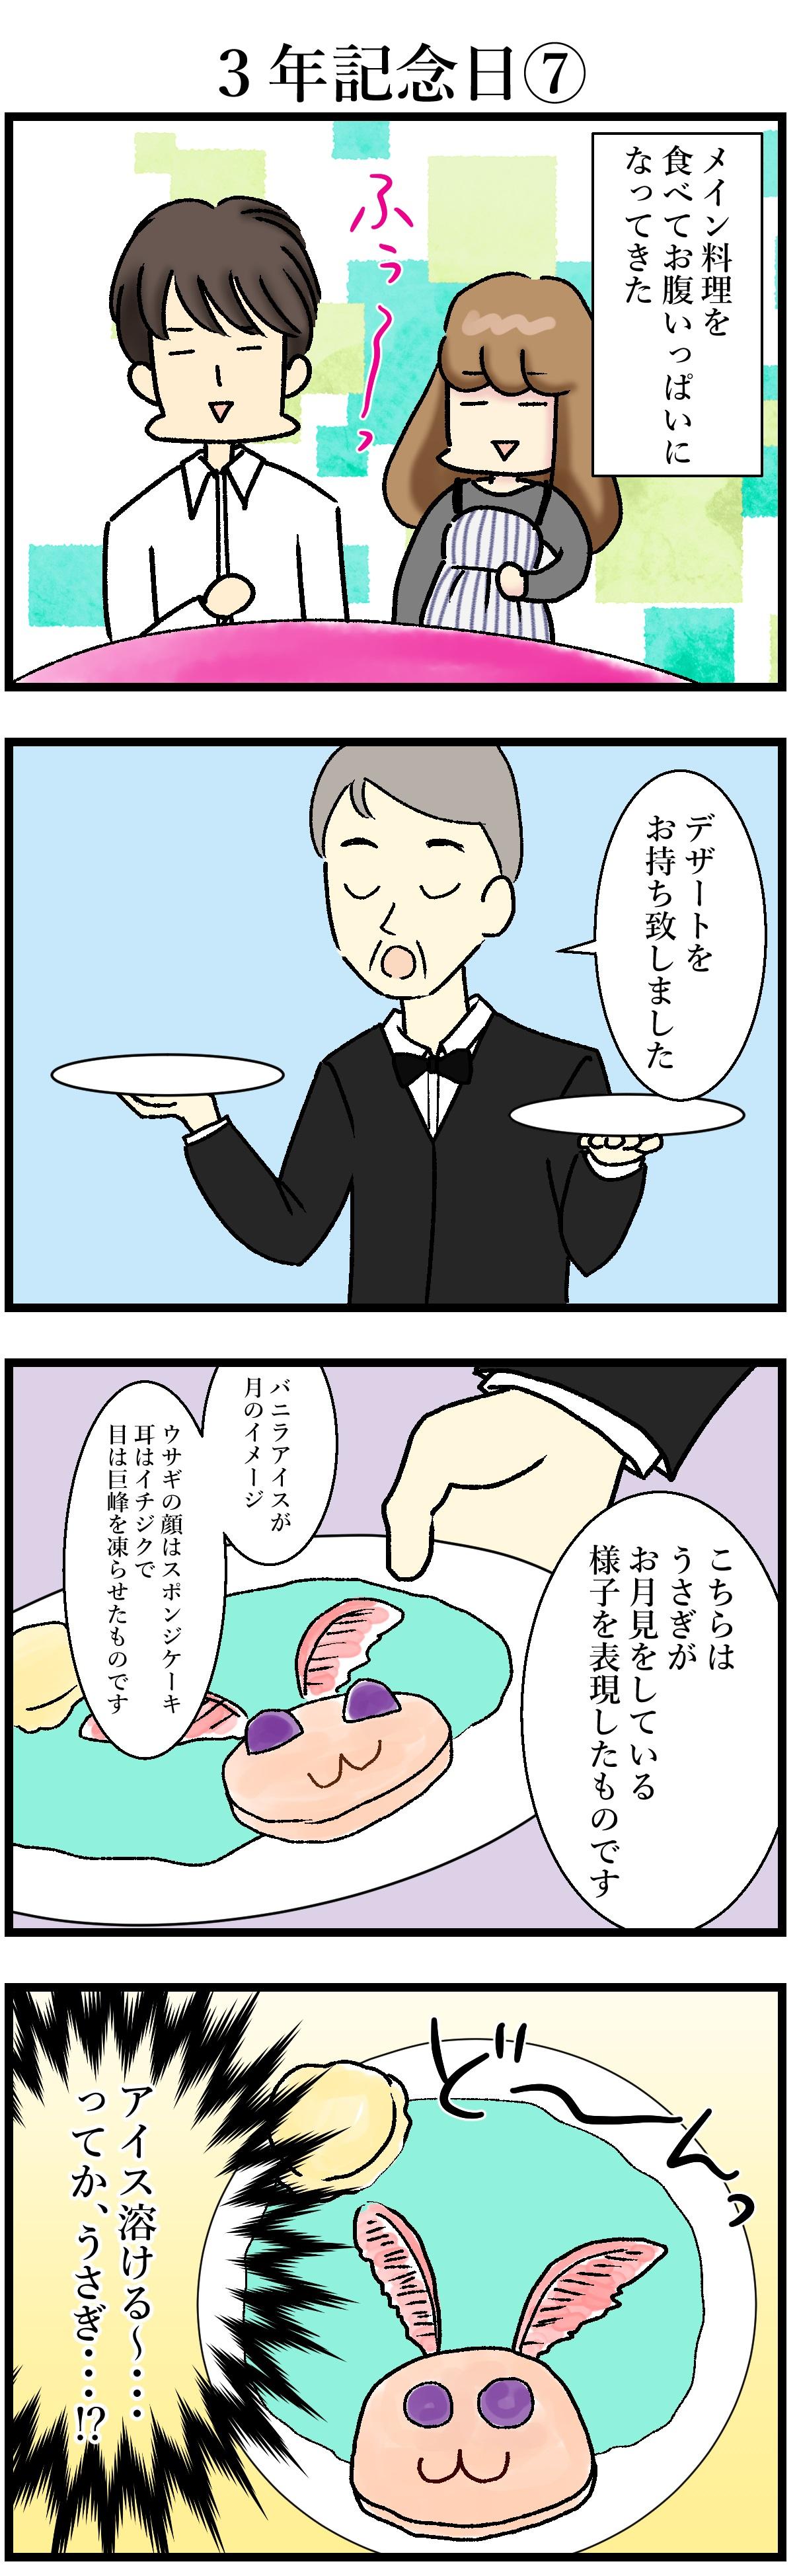 【エッセイ漫画】アラサー主婦くま子のふがいない日常(54)